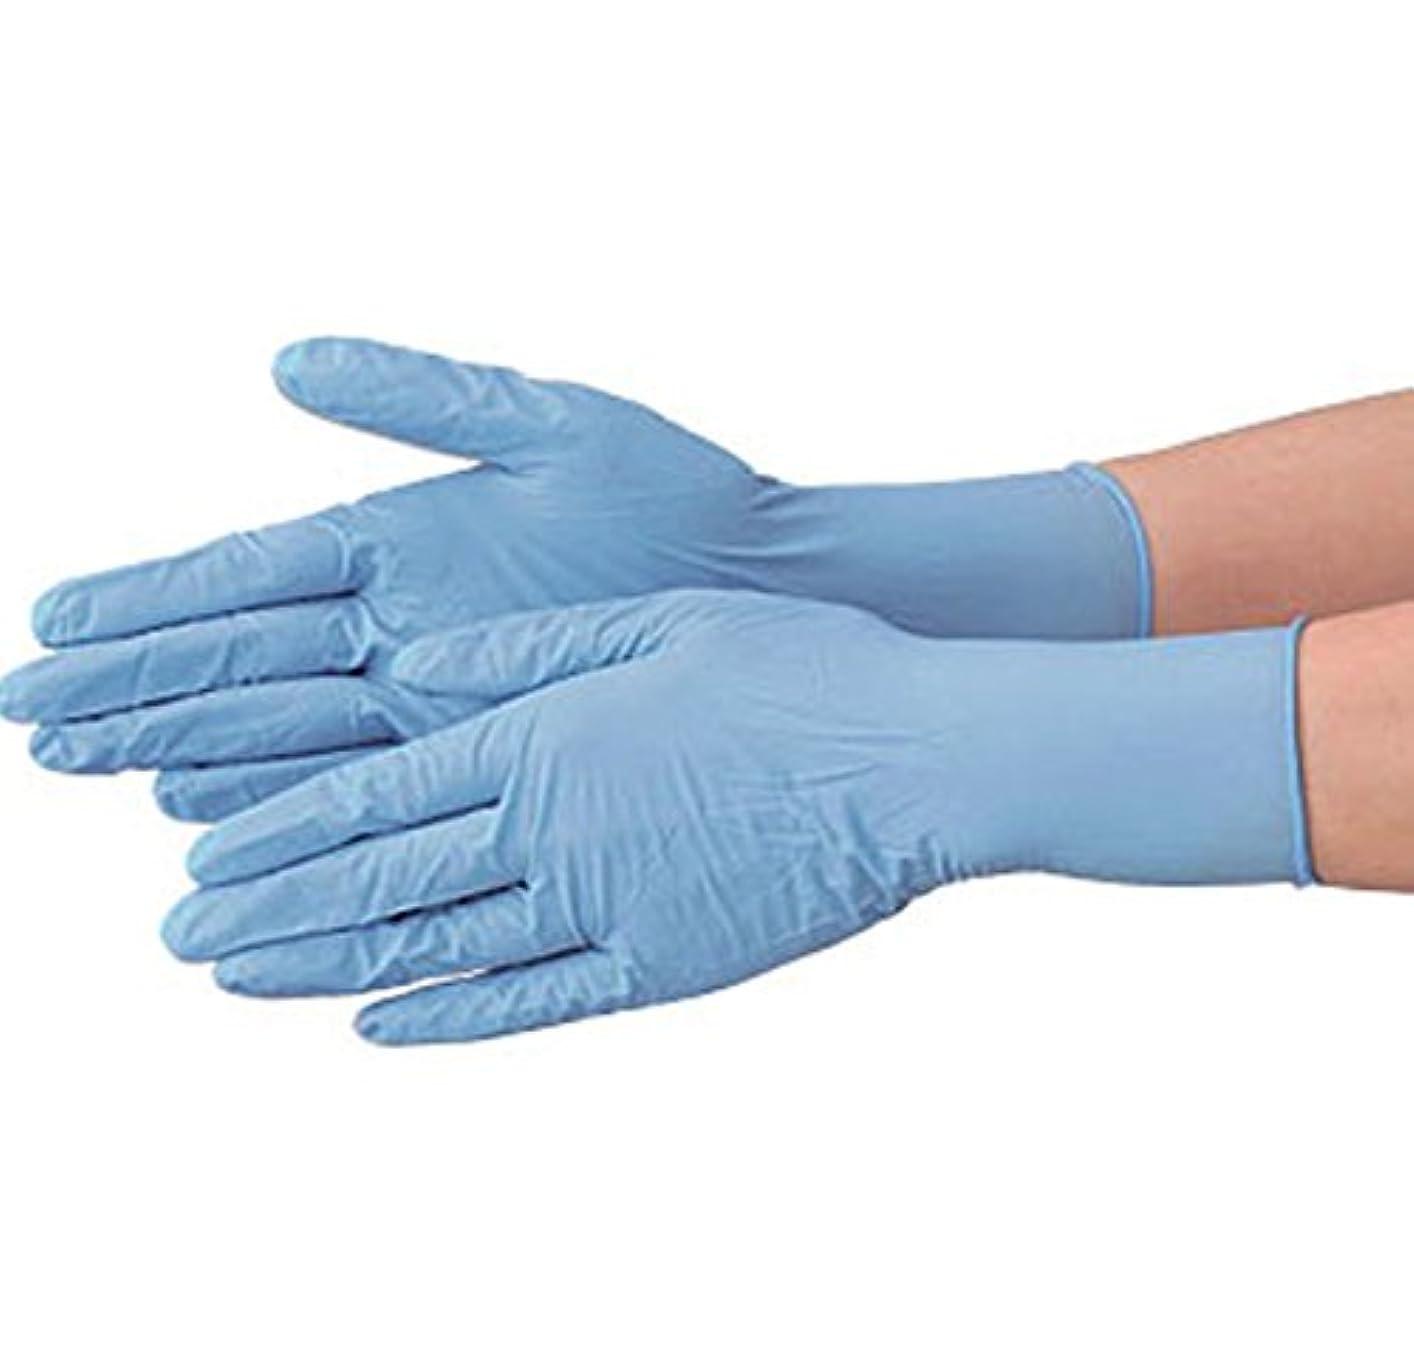 スピーチ一瞬心理的に使い捨て 手袋 エブノ 526 ディスポニトリル パウダーフリー ホワイト Lサイズ 2ケース(100枚×40箱)